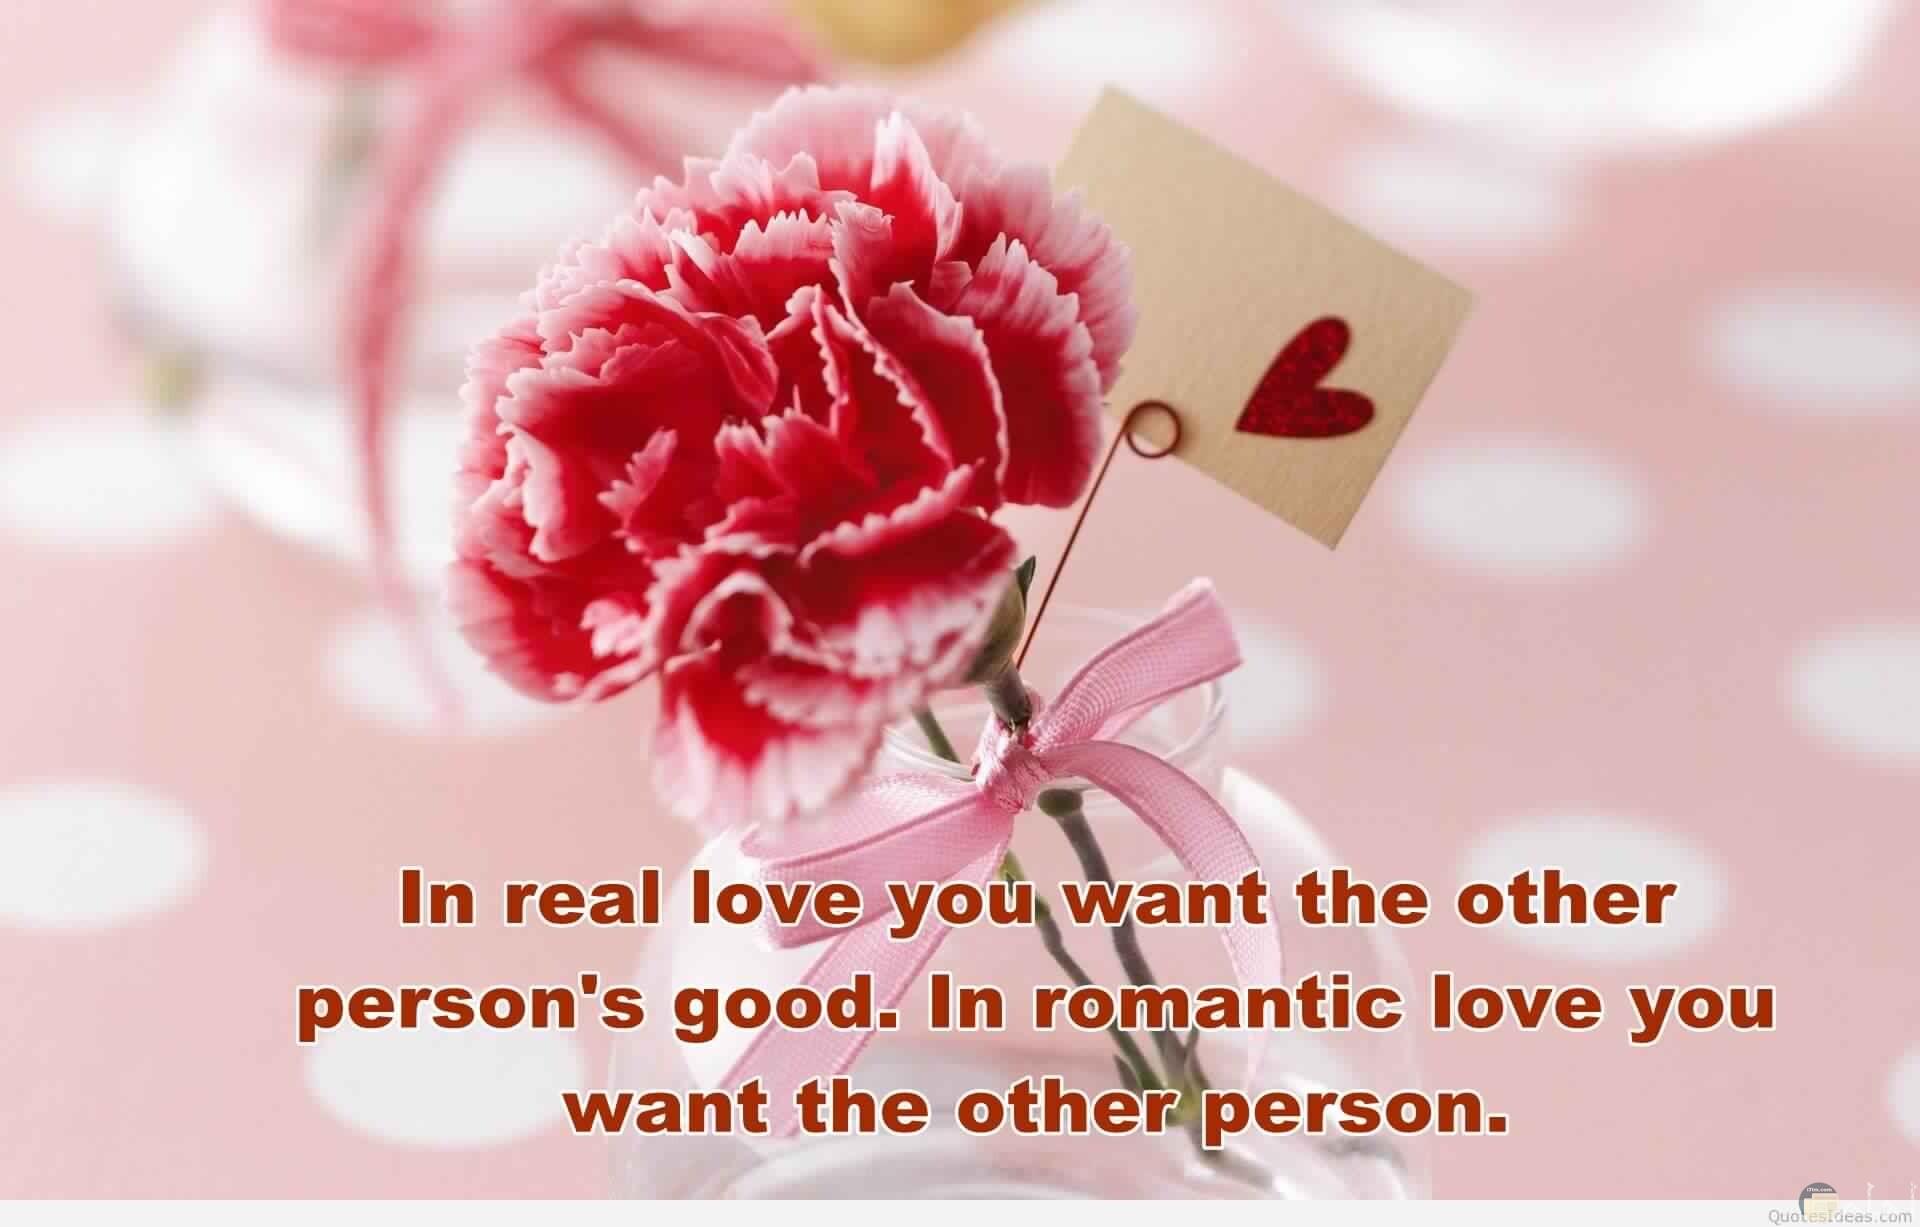 كلمات عن الحب الحقيقي بالإنجليزية.